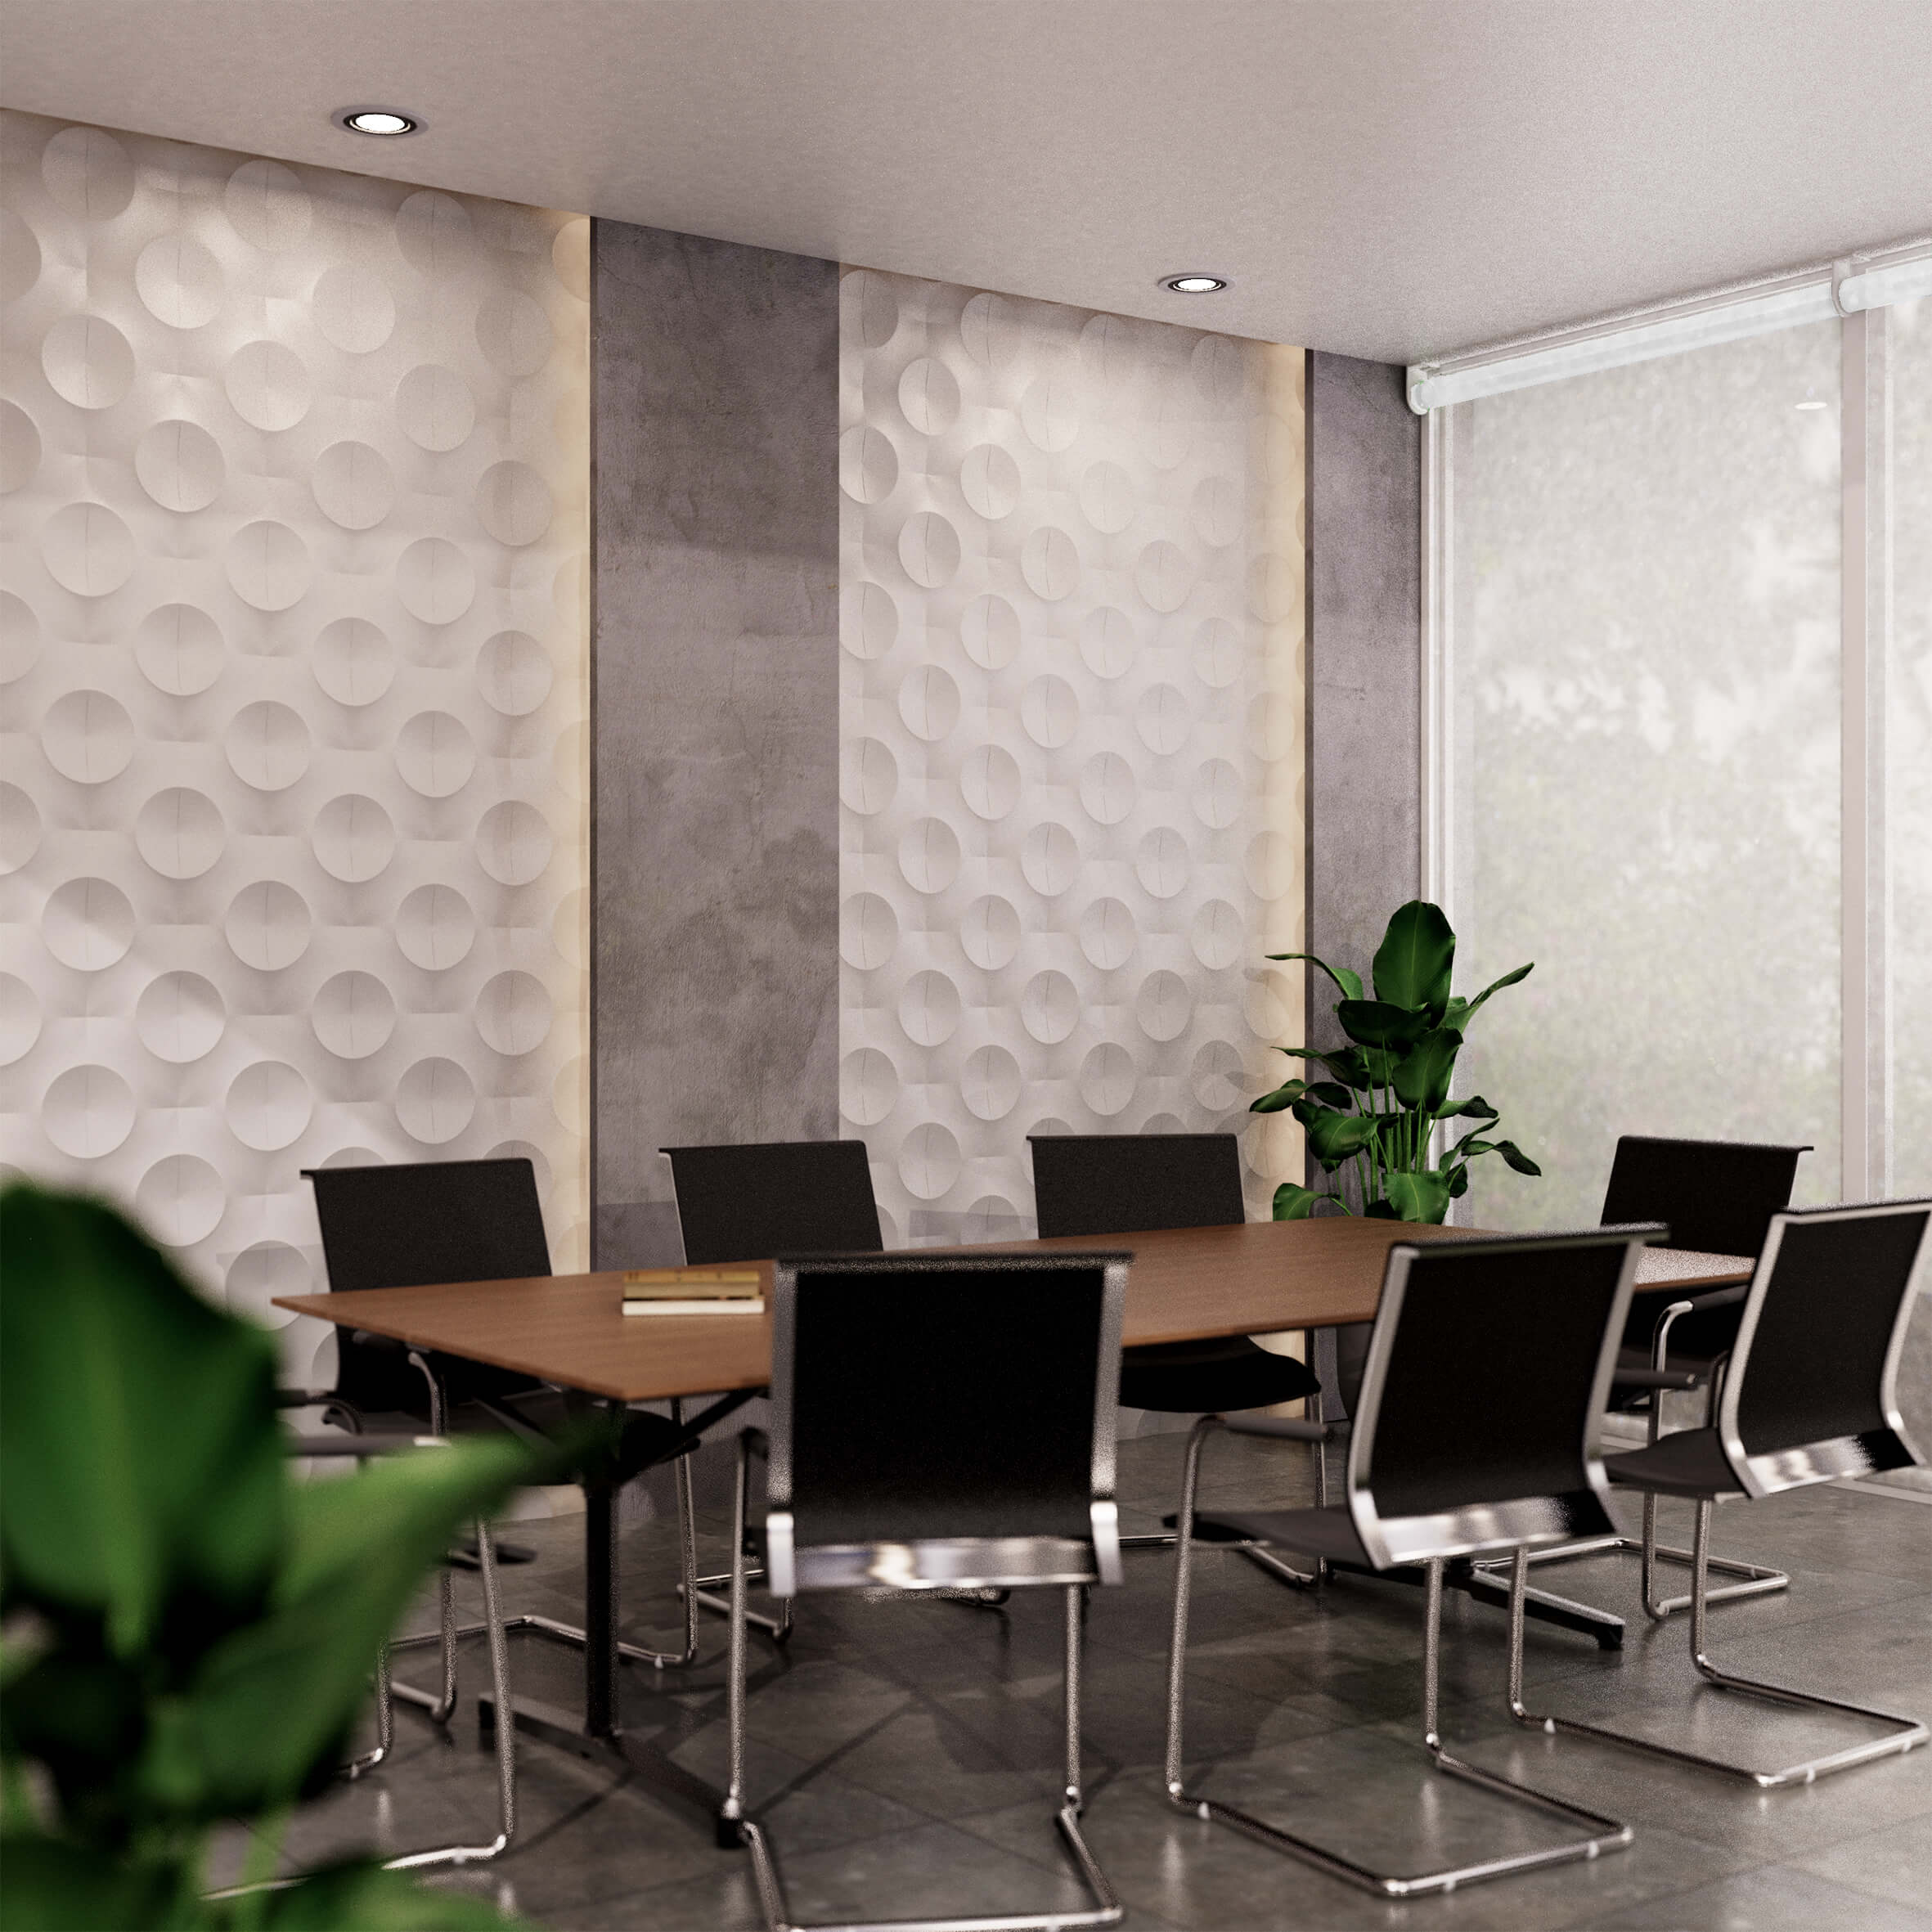 kantor-mosaicart-3d-wall-panel